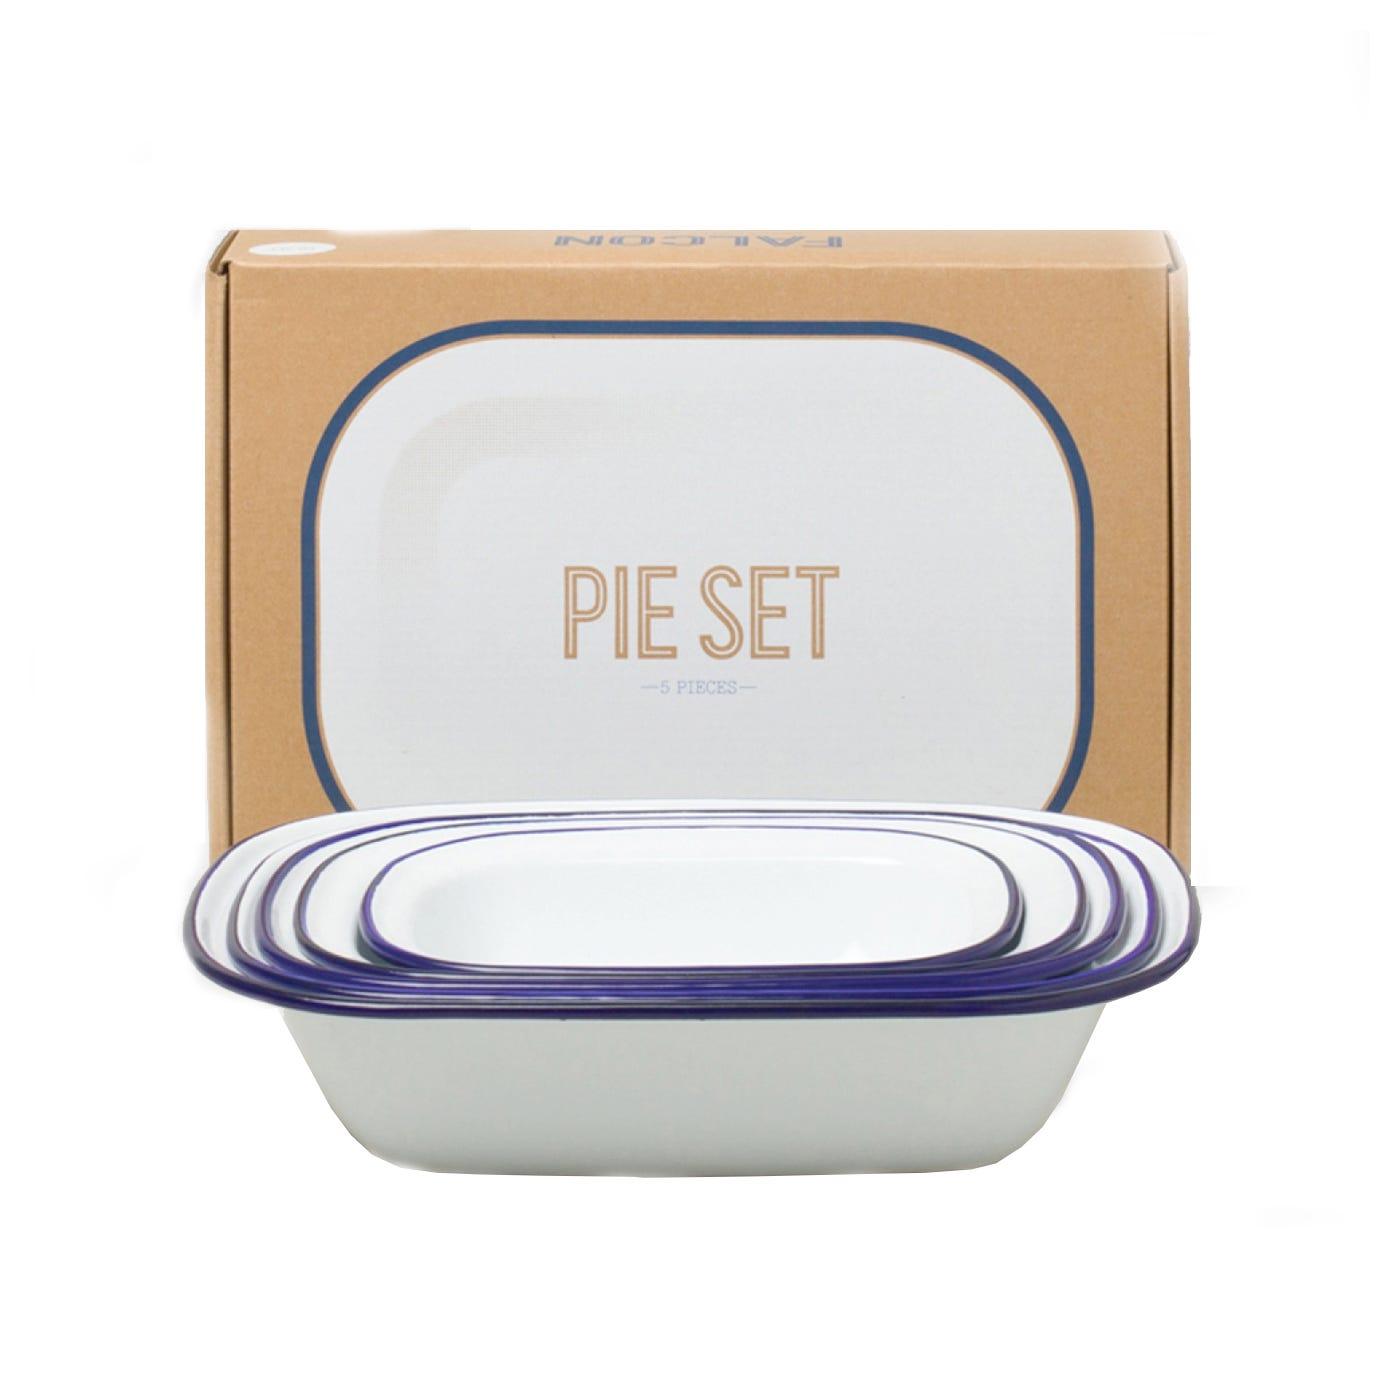 Falcon Original White With Blue Rim Pie Set